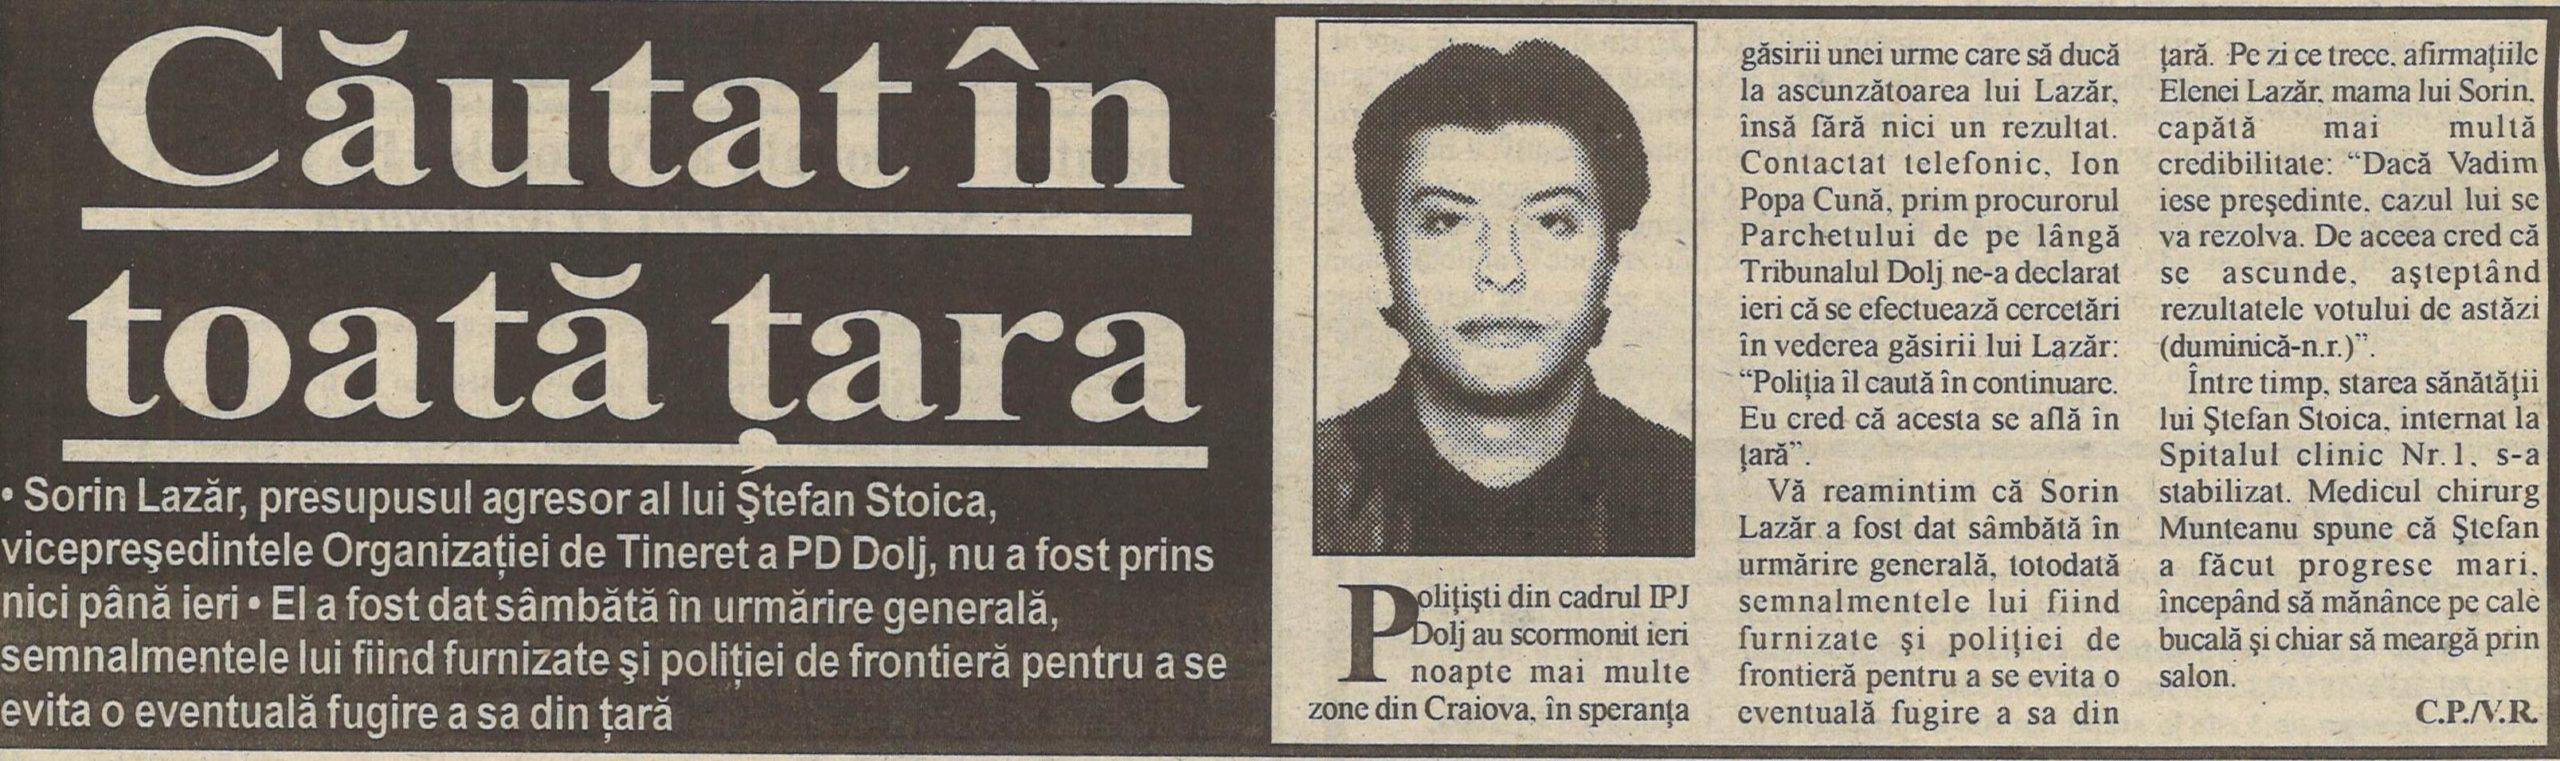 """O Lazăr este dat mai întâi în urmărire generală, apoi în urmărire internațională, prin Interpol. Ziarul craiovean """"Ora"""", 23 noiembrie 2000."""